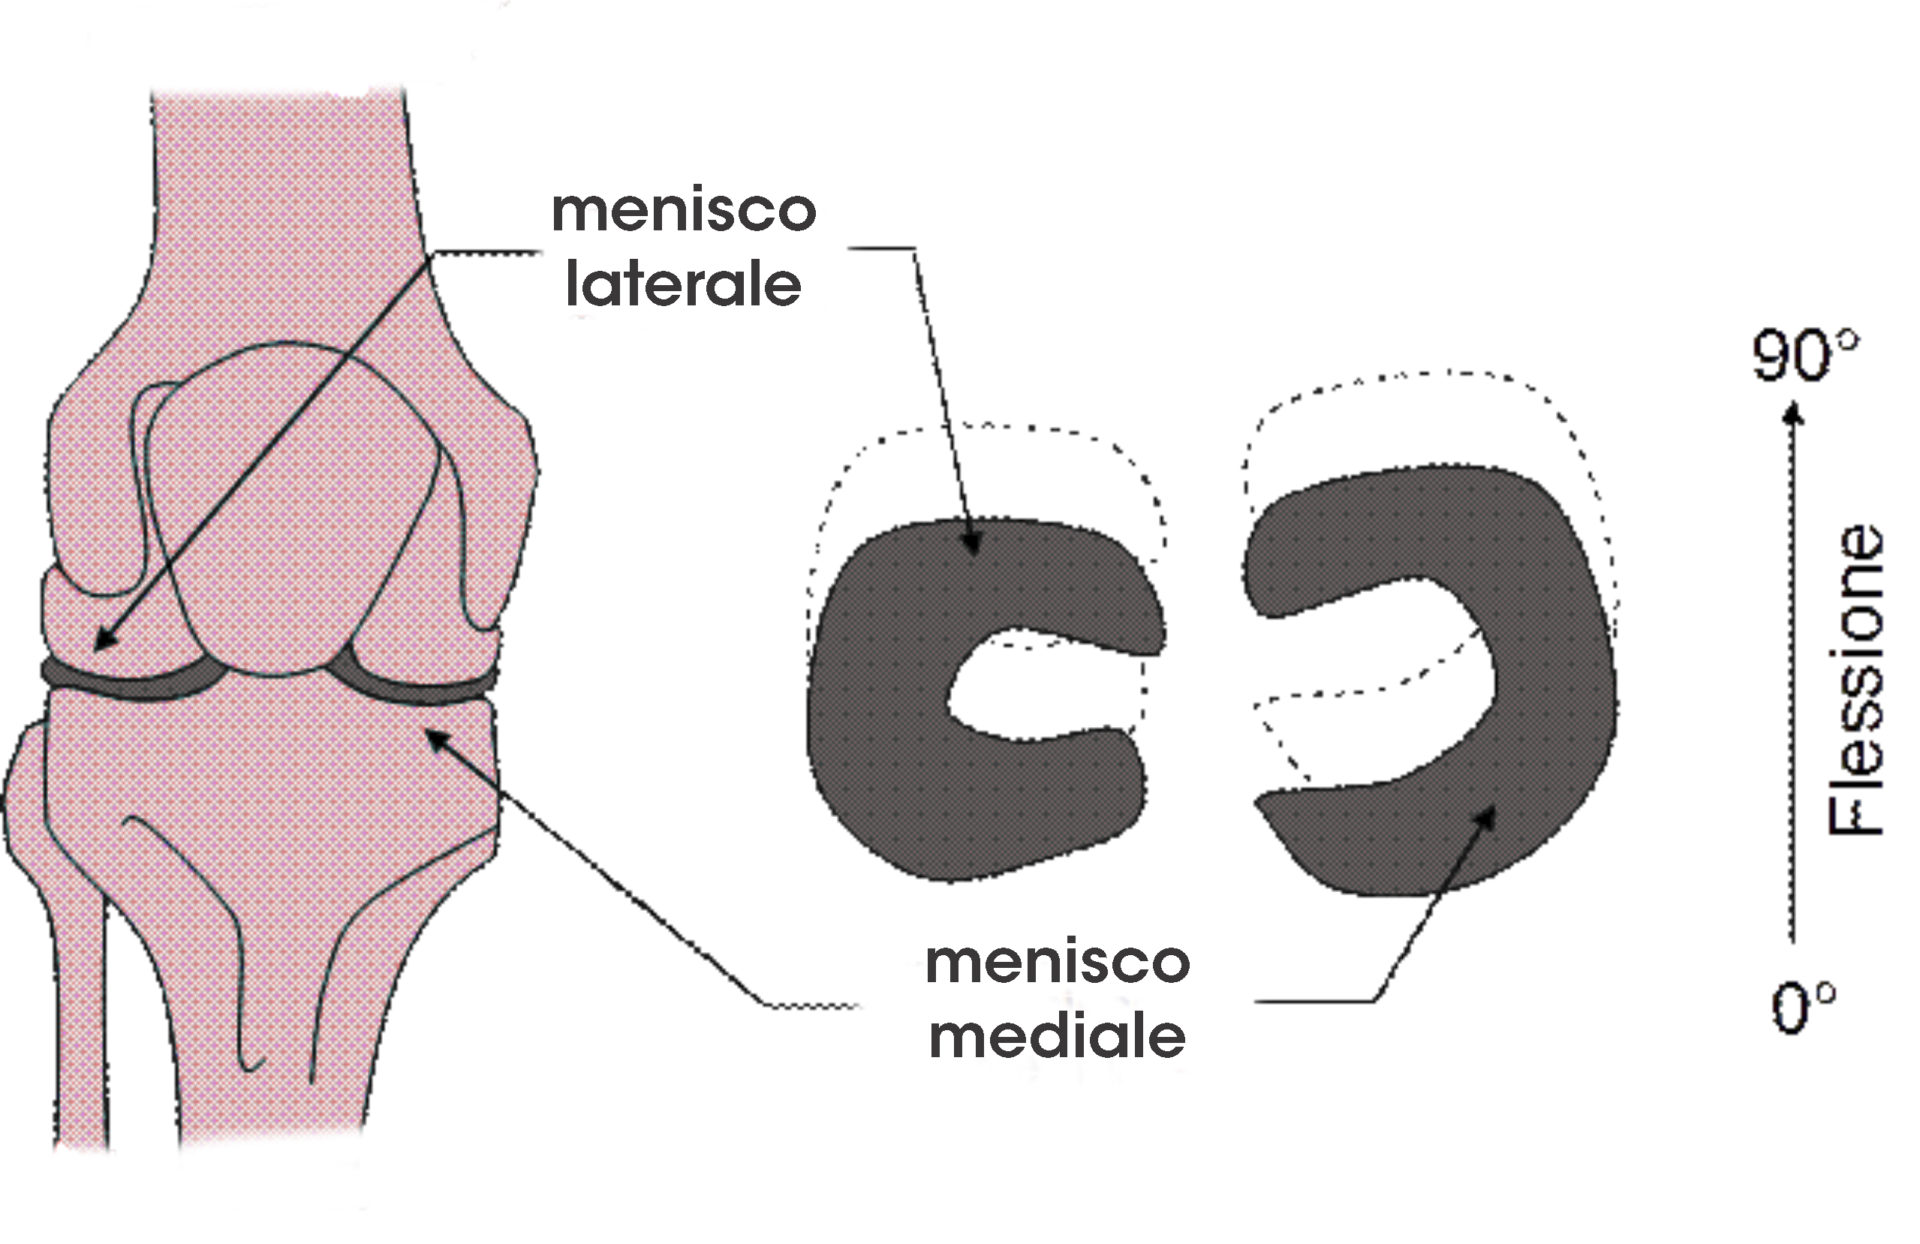 menisco-ginocchio